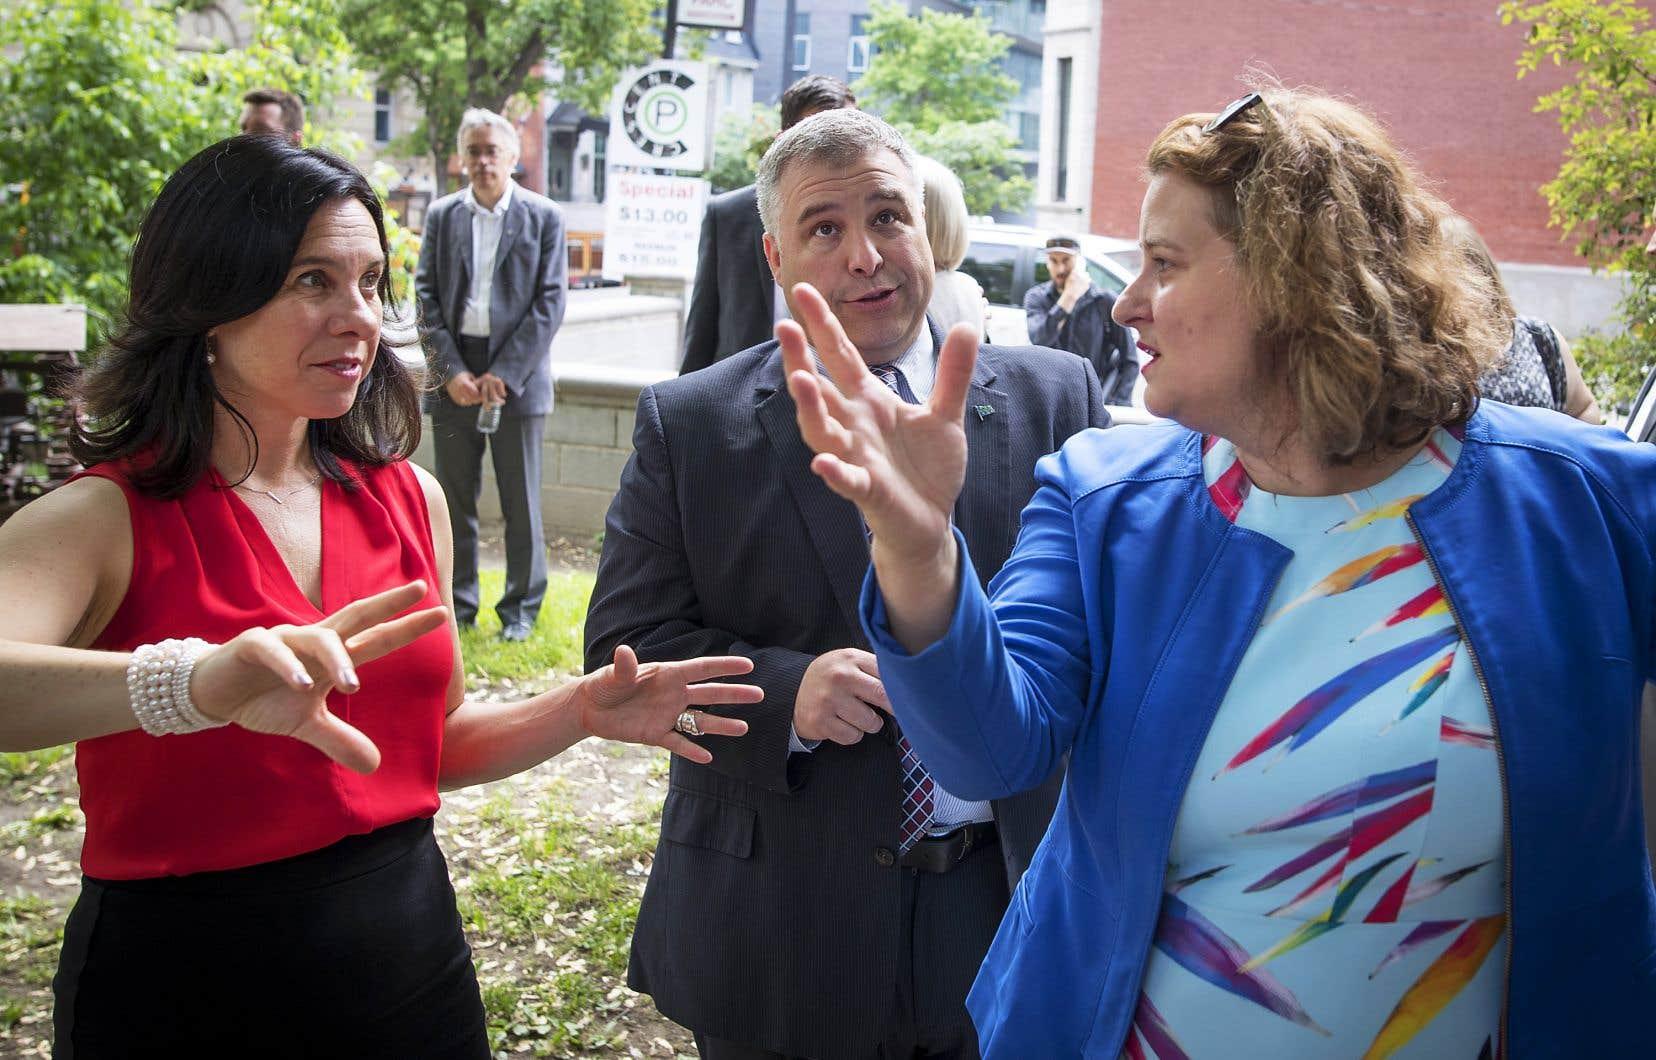 La mairesse de Montréal, Valérie Plante, le ministre de l'Éducation, Sébastien Proulx, et la présidente de la CSDM, Catherine Harel Bourdon